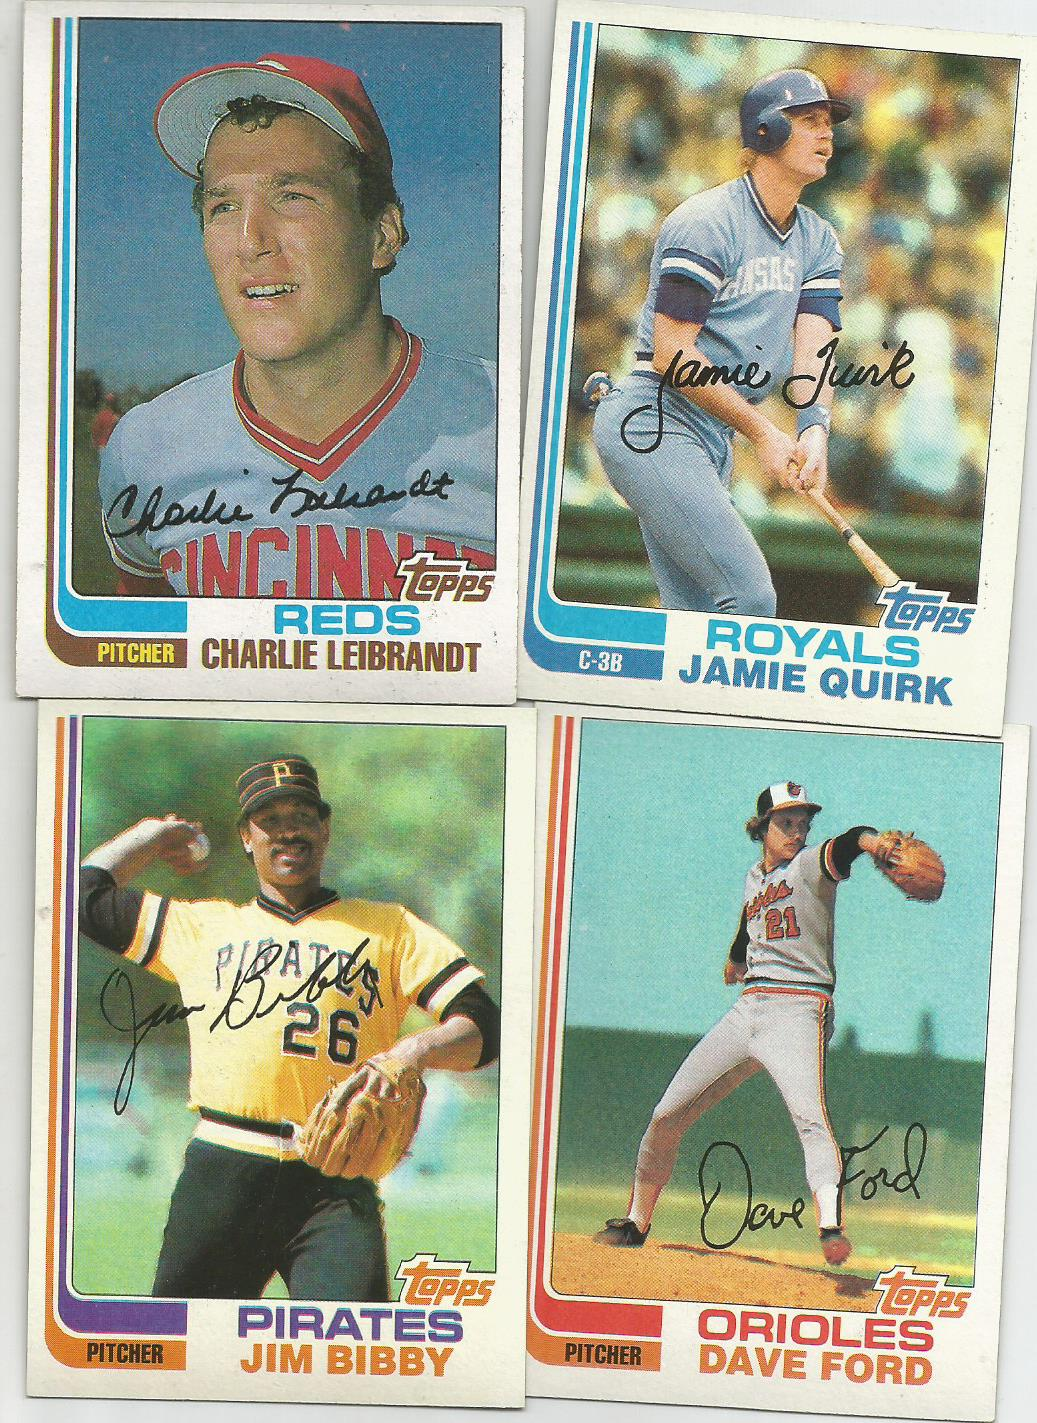 1982 Topps Baseball 91 Carney Lansford Red Sox